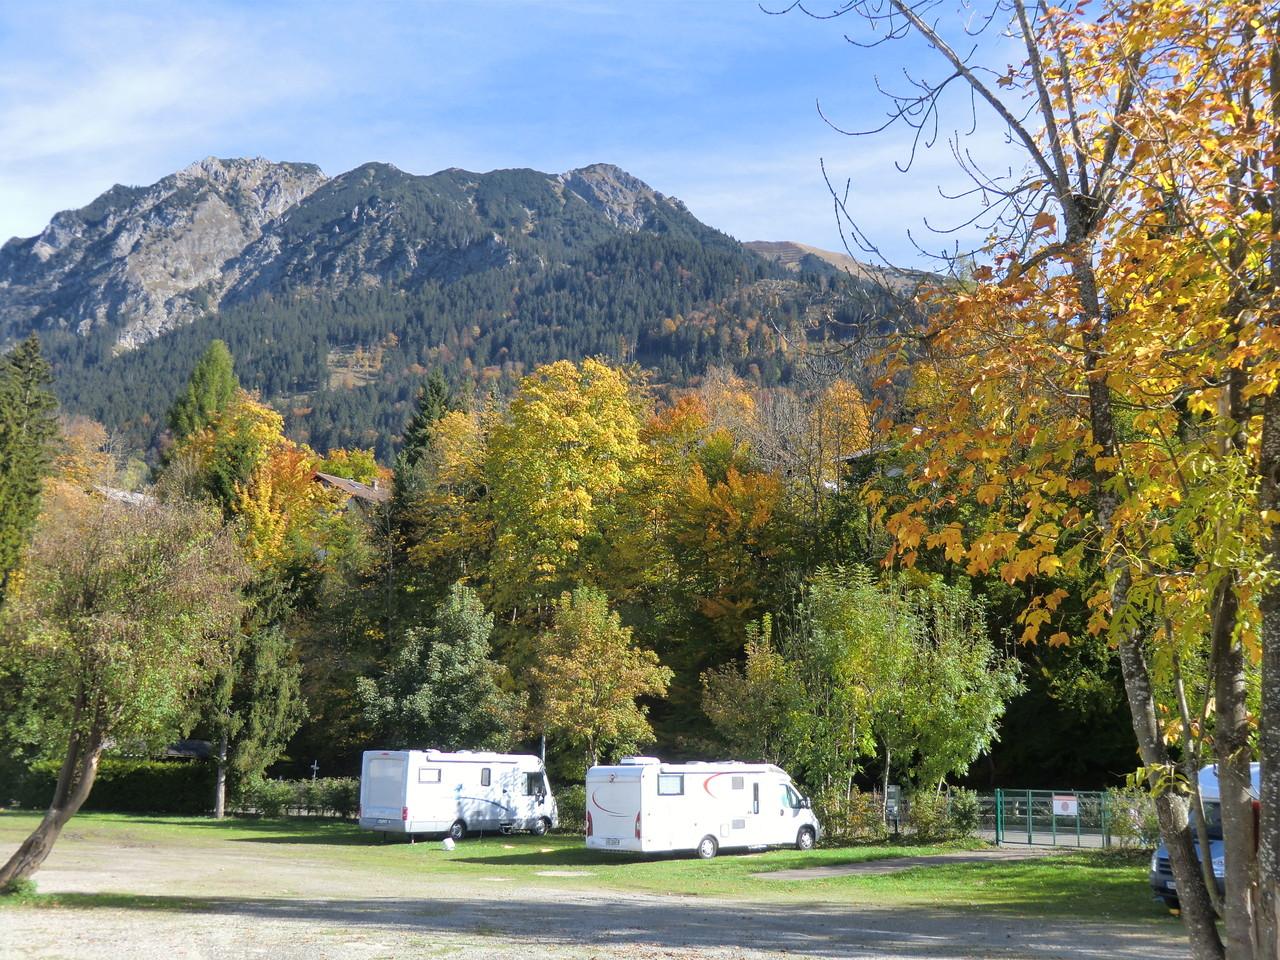 Stellplatz mit Rübi-Berg im Hintergrund